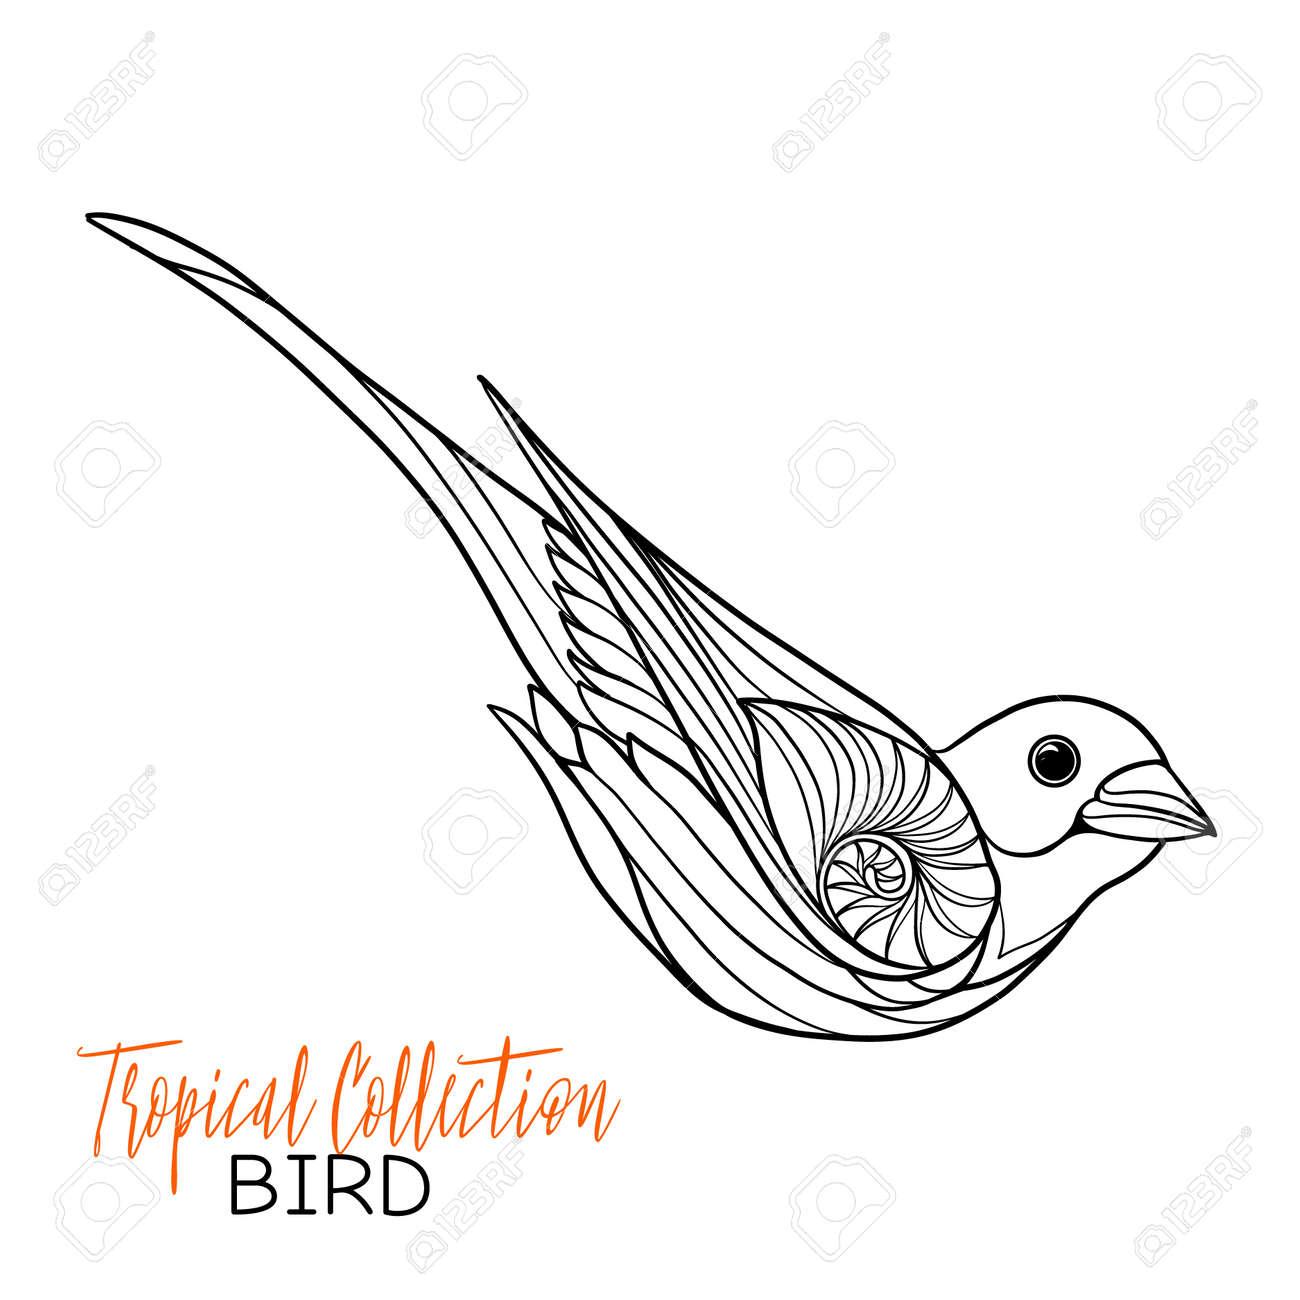 Oiseaux Tropicaux Vector Illustration Livre à Colorier Pour Les Adultes Et Les Enfants Plus âgés Coloriage Dessin Au Trait